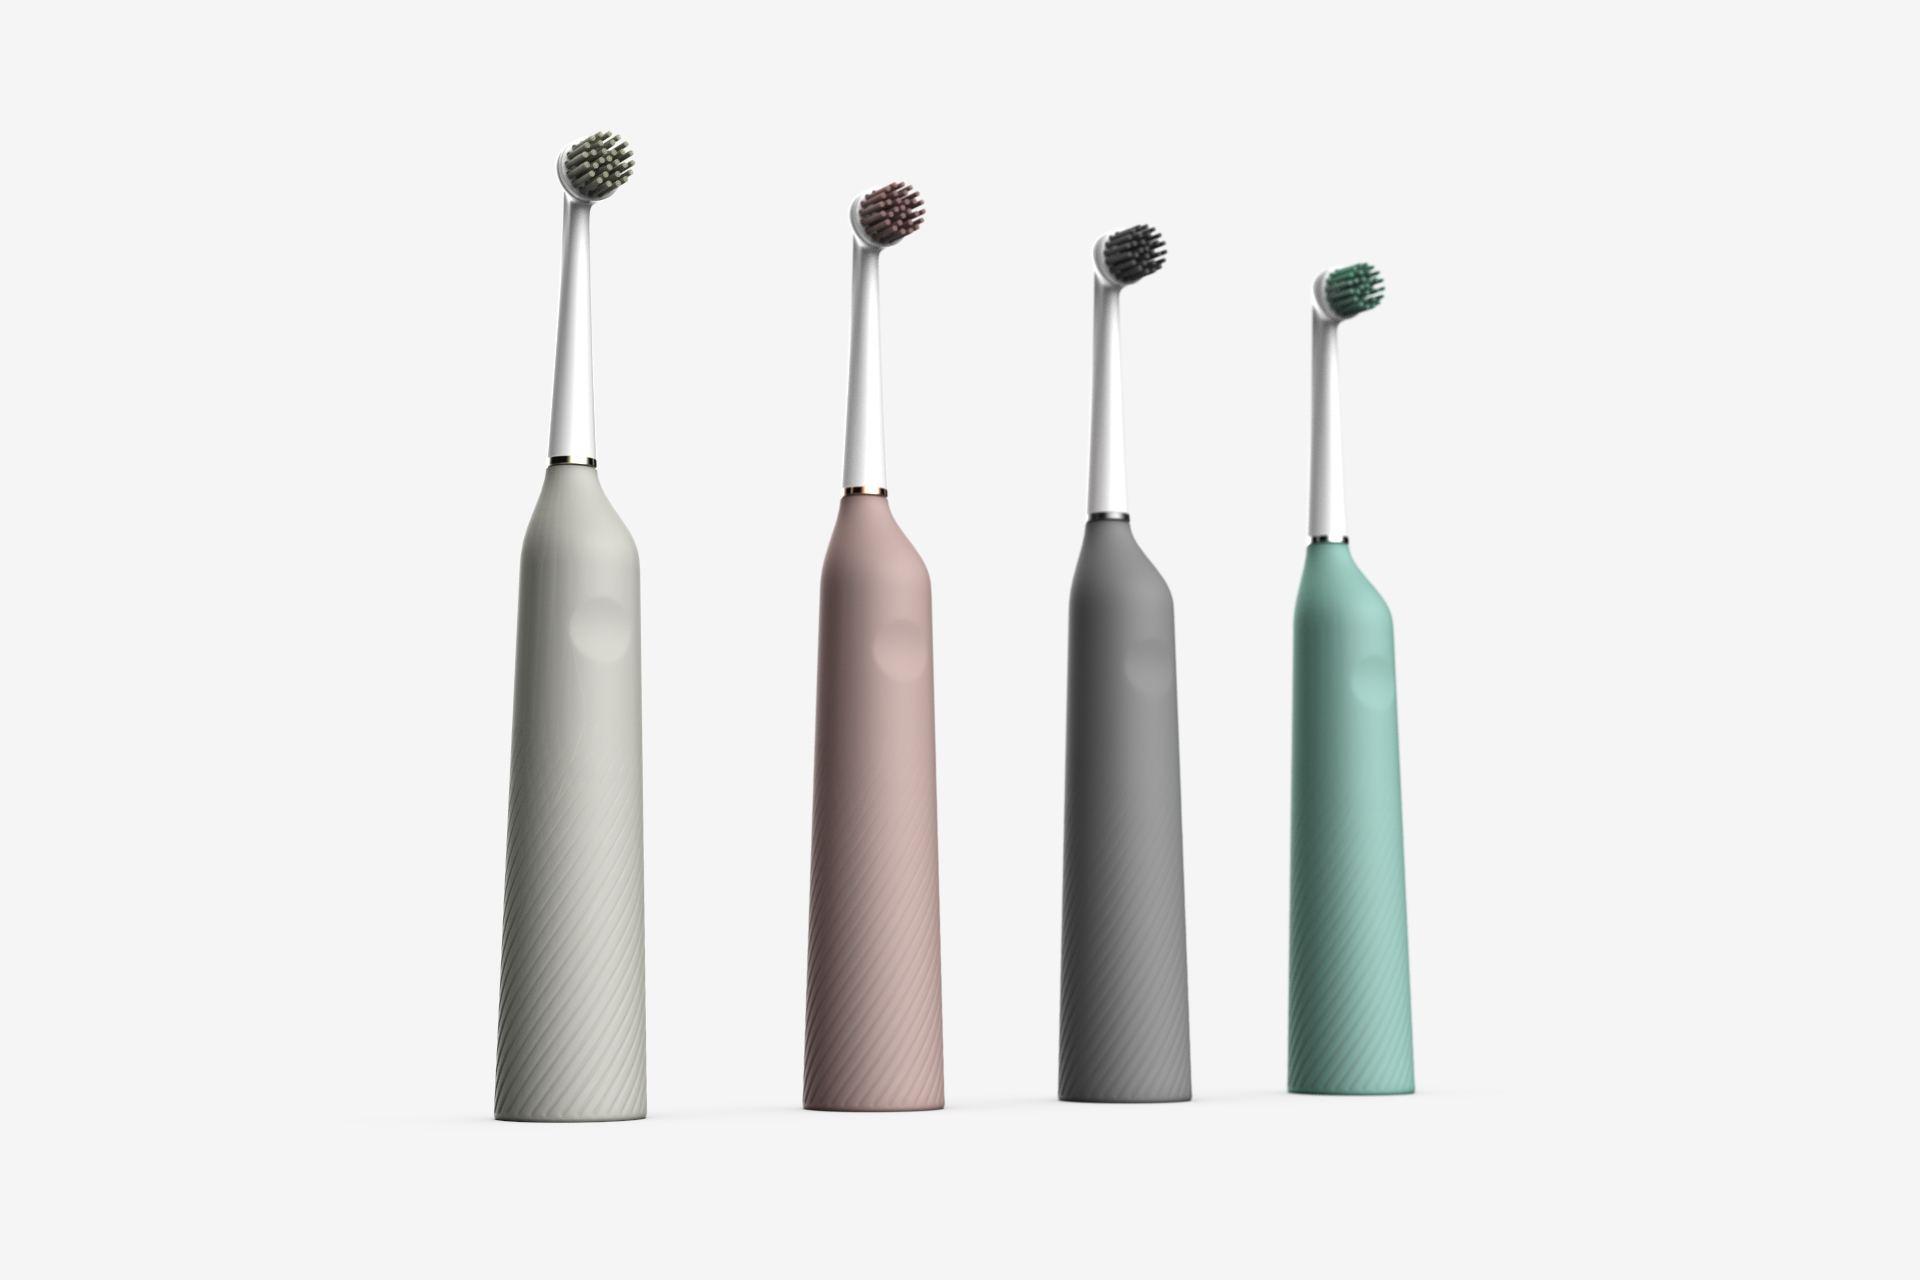 电动牙刷到底值不值得购买吗?